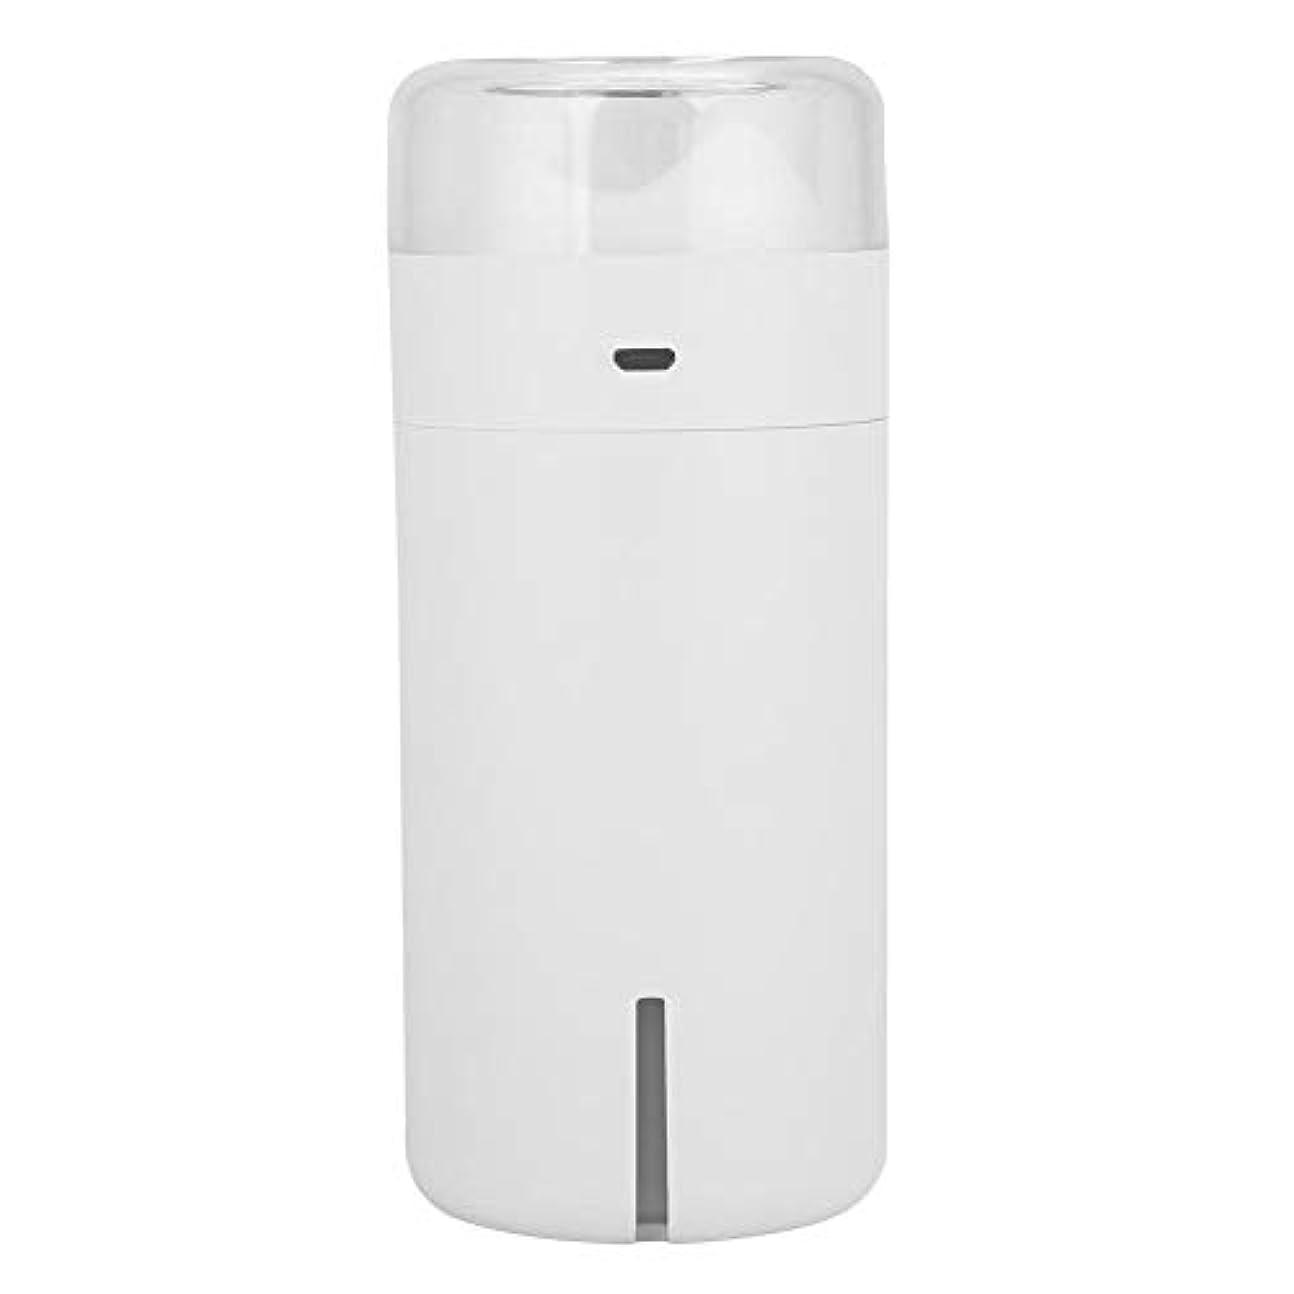 独創的払い戻しスクリーチ携帯用拡散器、車のオフィスのためのUSBケーブルが付いている超音波空気加湿器7色LEDの軽い清浄器(白)